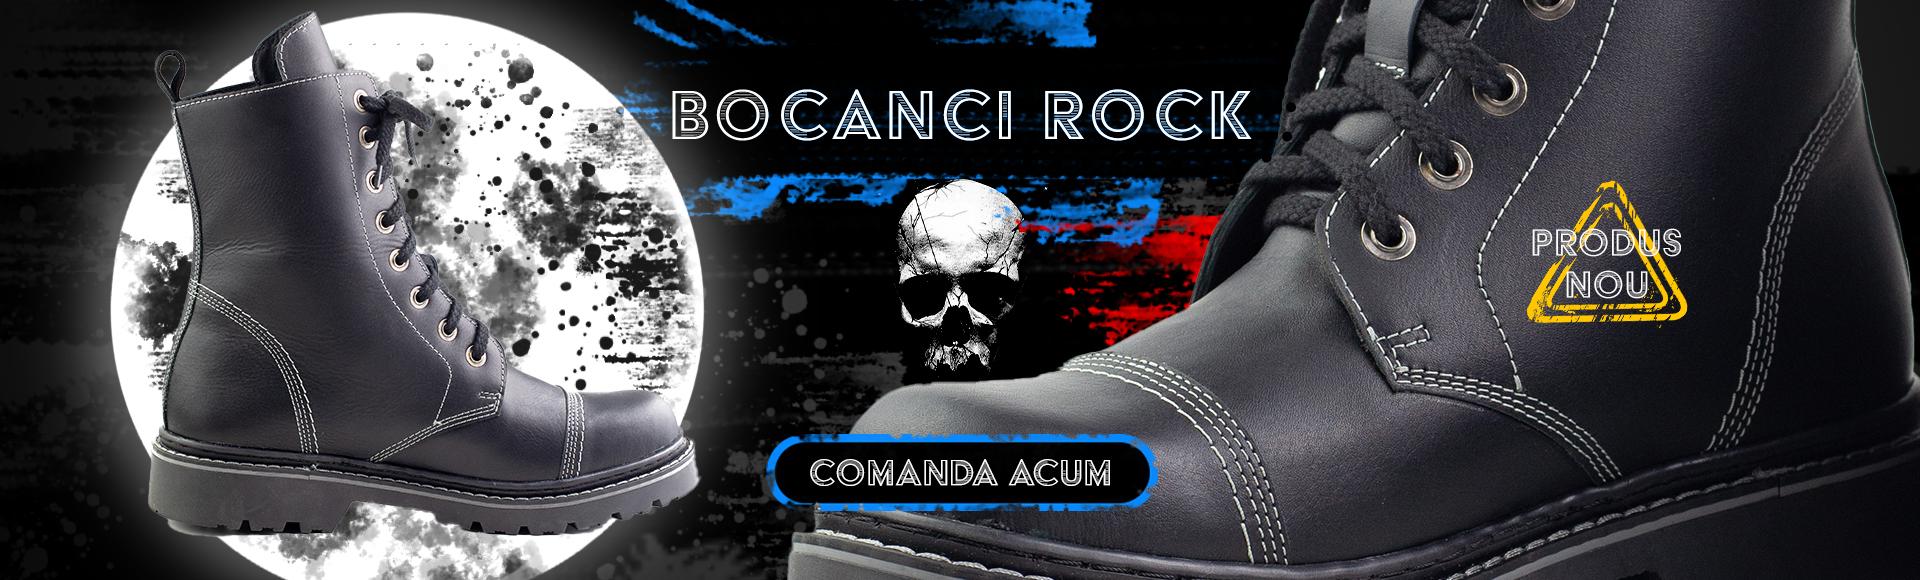 Bocanci Rock